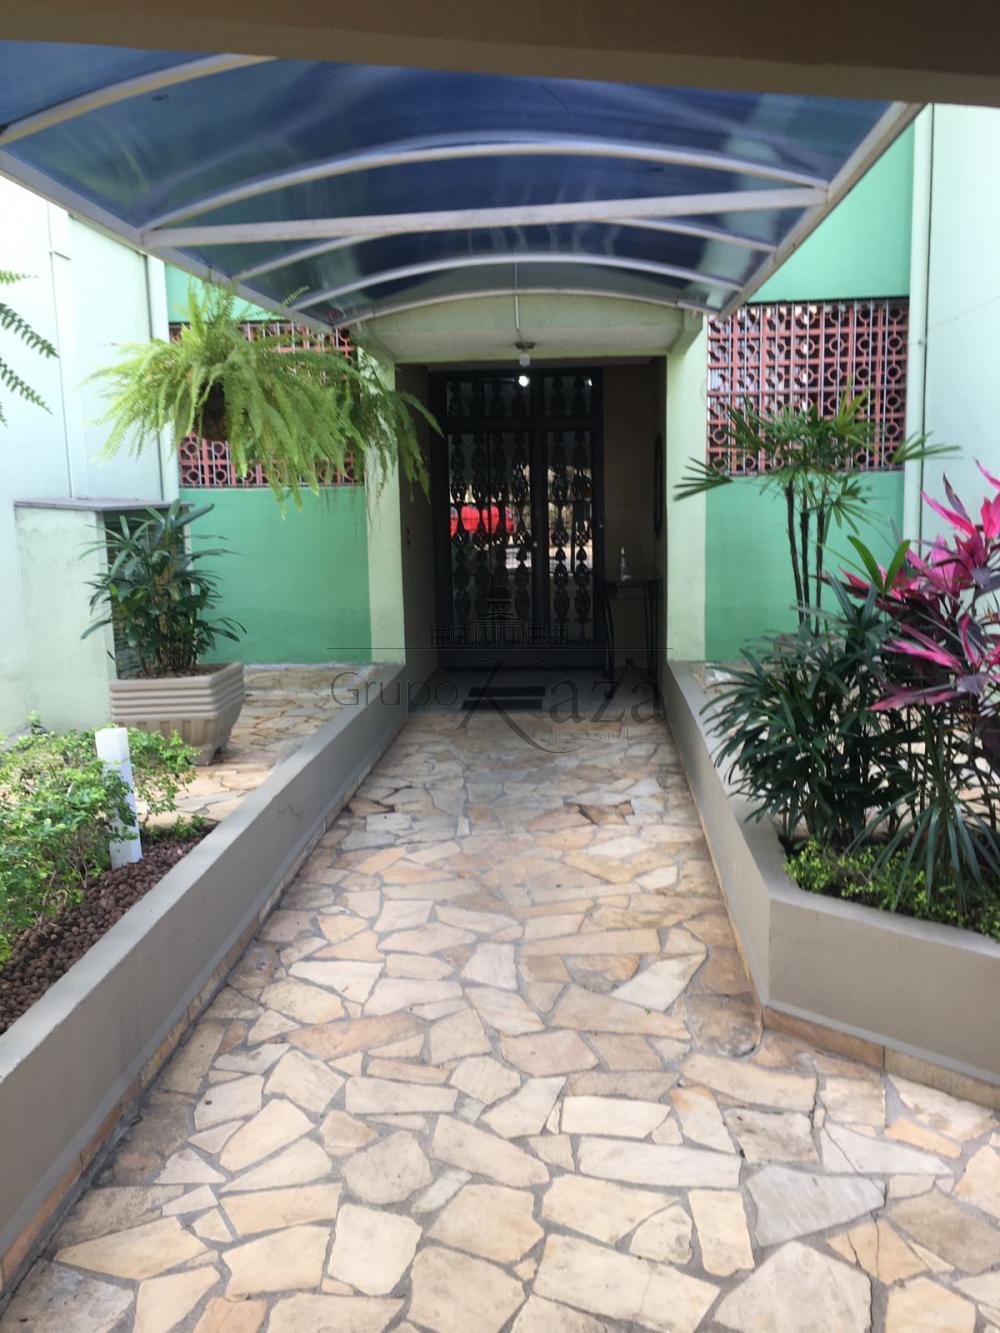 alt='Comprar Apartamento / Padrão em São José dos Campos R$ 300.000,00 - Foto 14' title='Comprar Apartamento / Padrão em São José dos Campos R$ 300.000,00 - Foto 14'